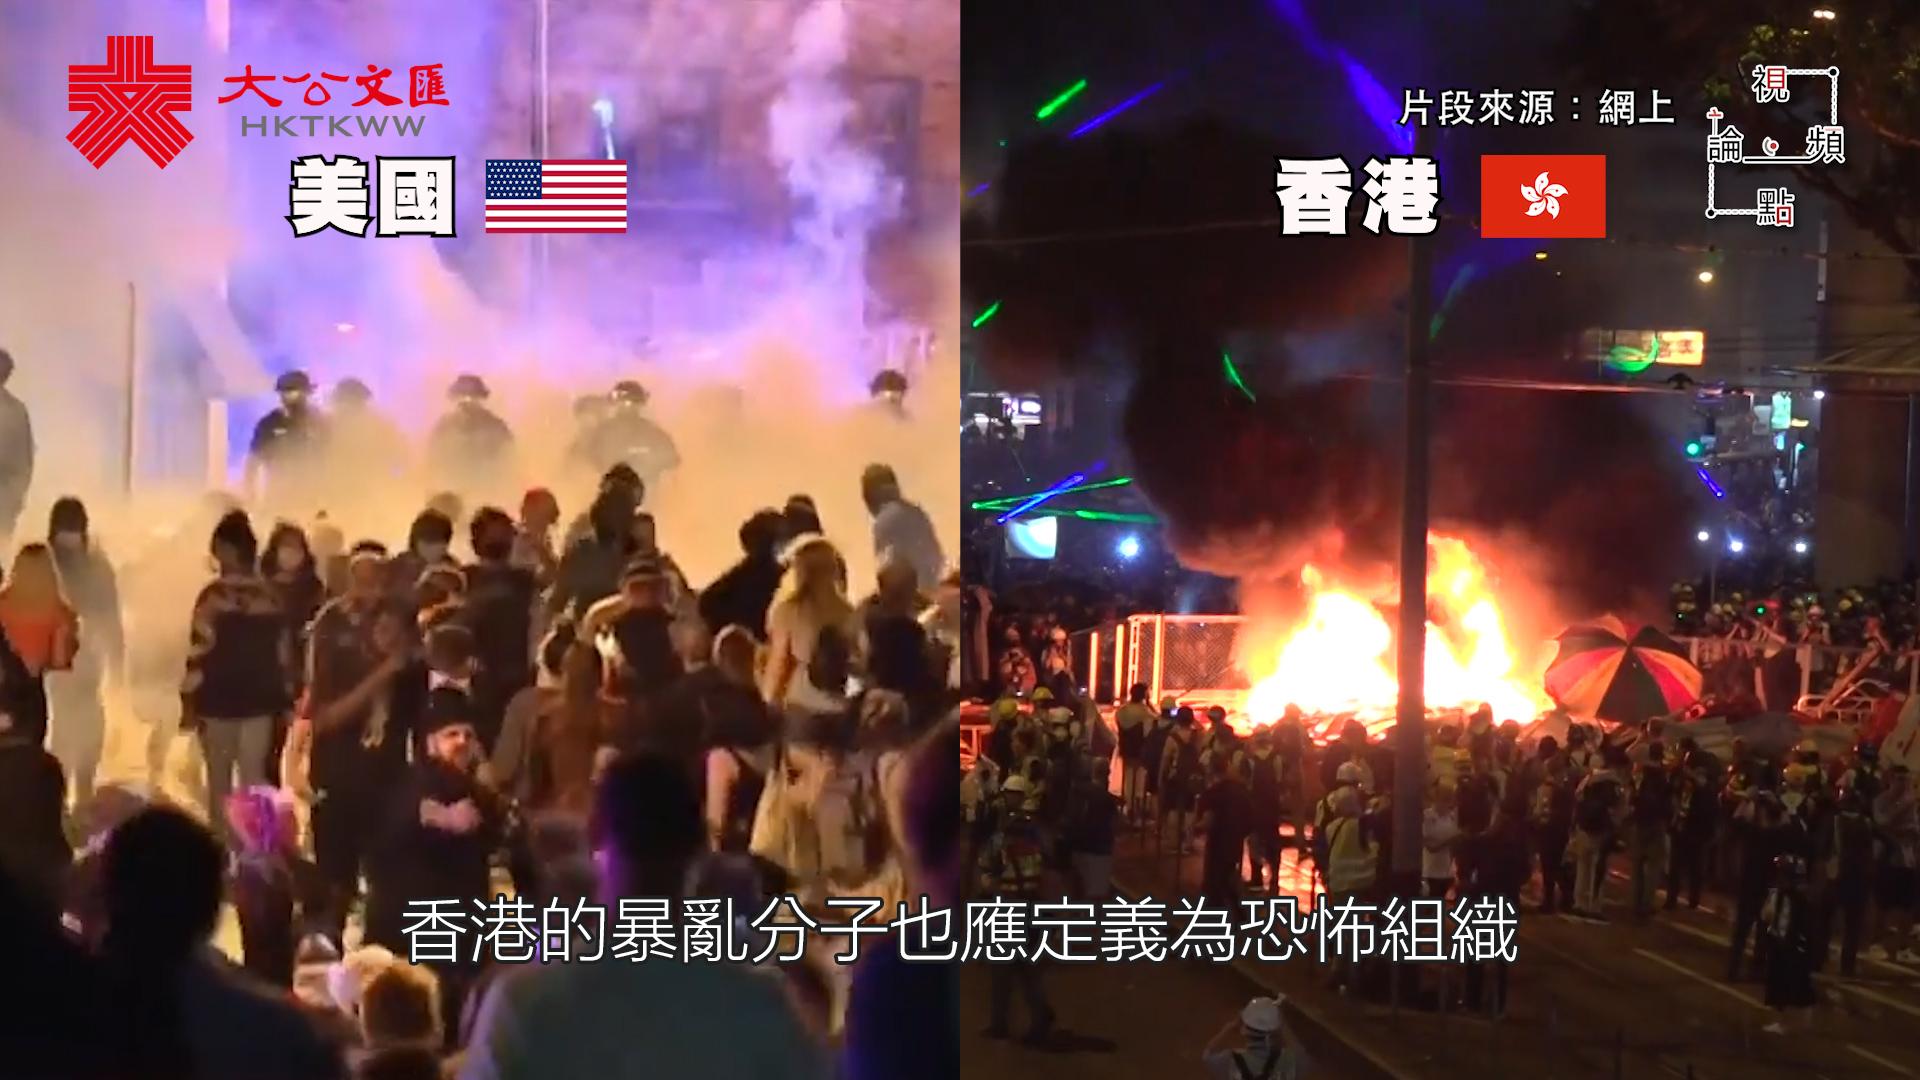 視頻論點   香港暴徒是恐怖分子